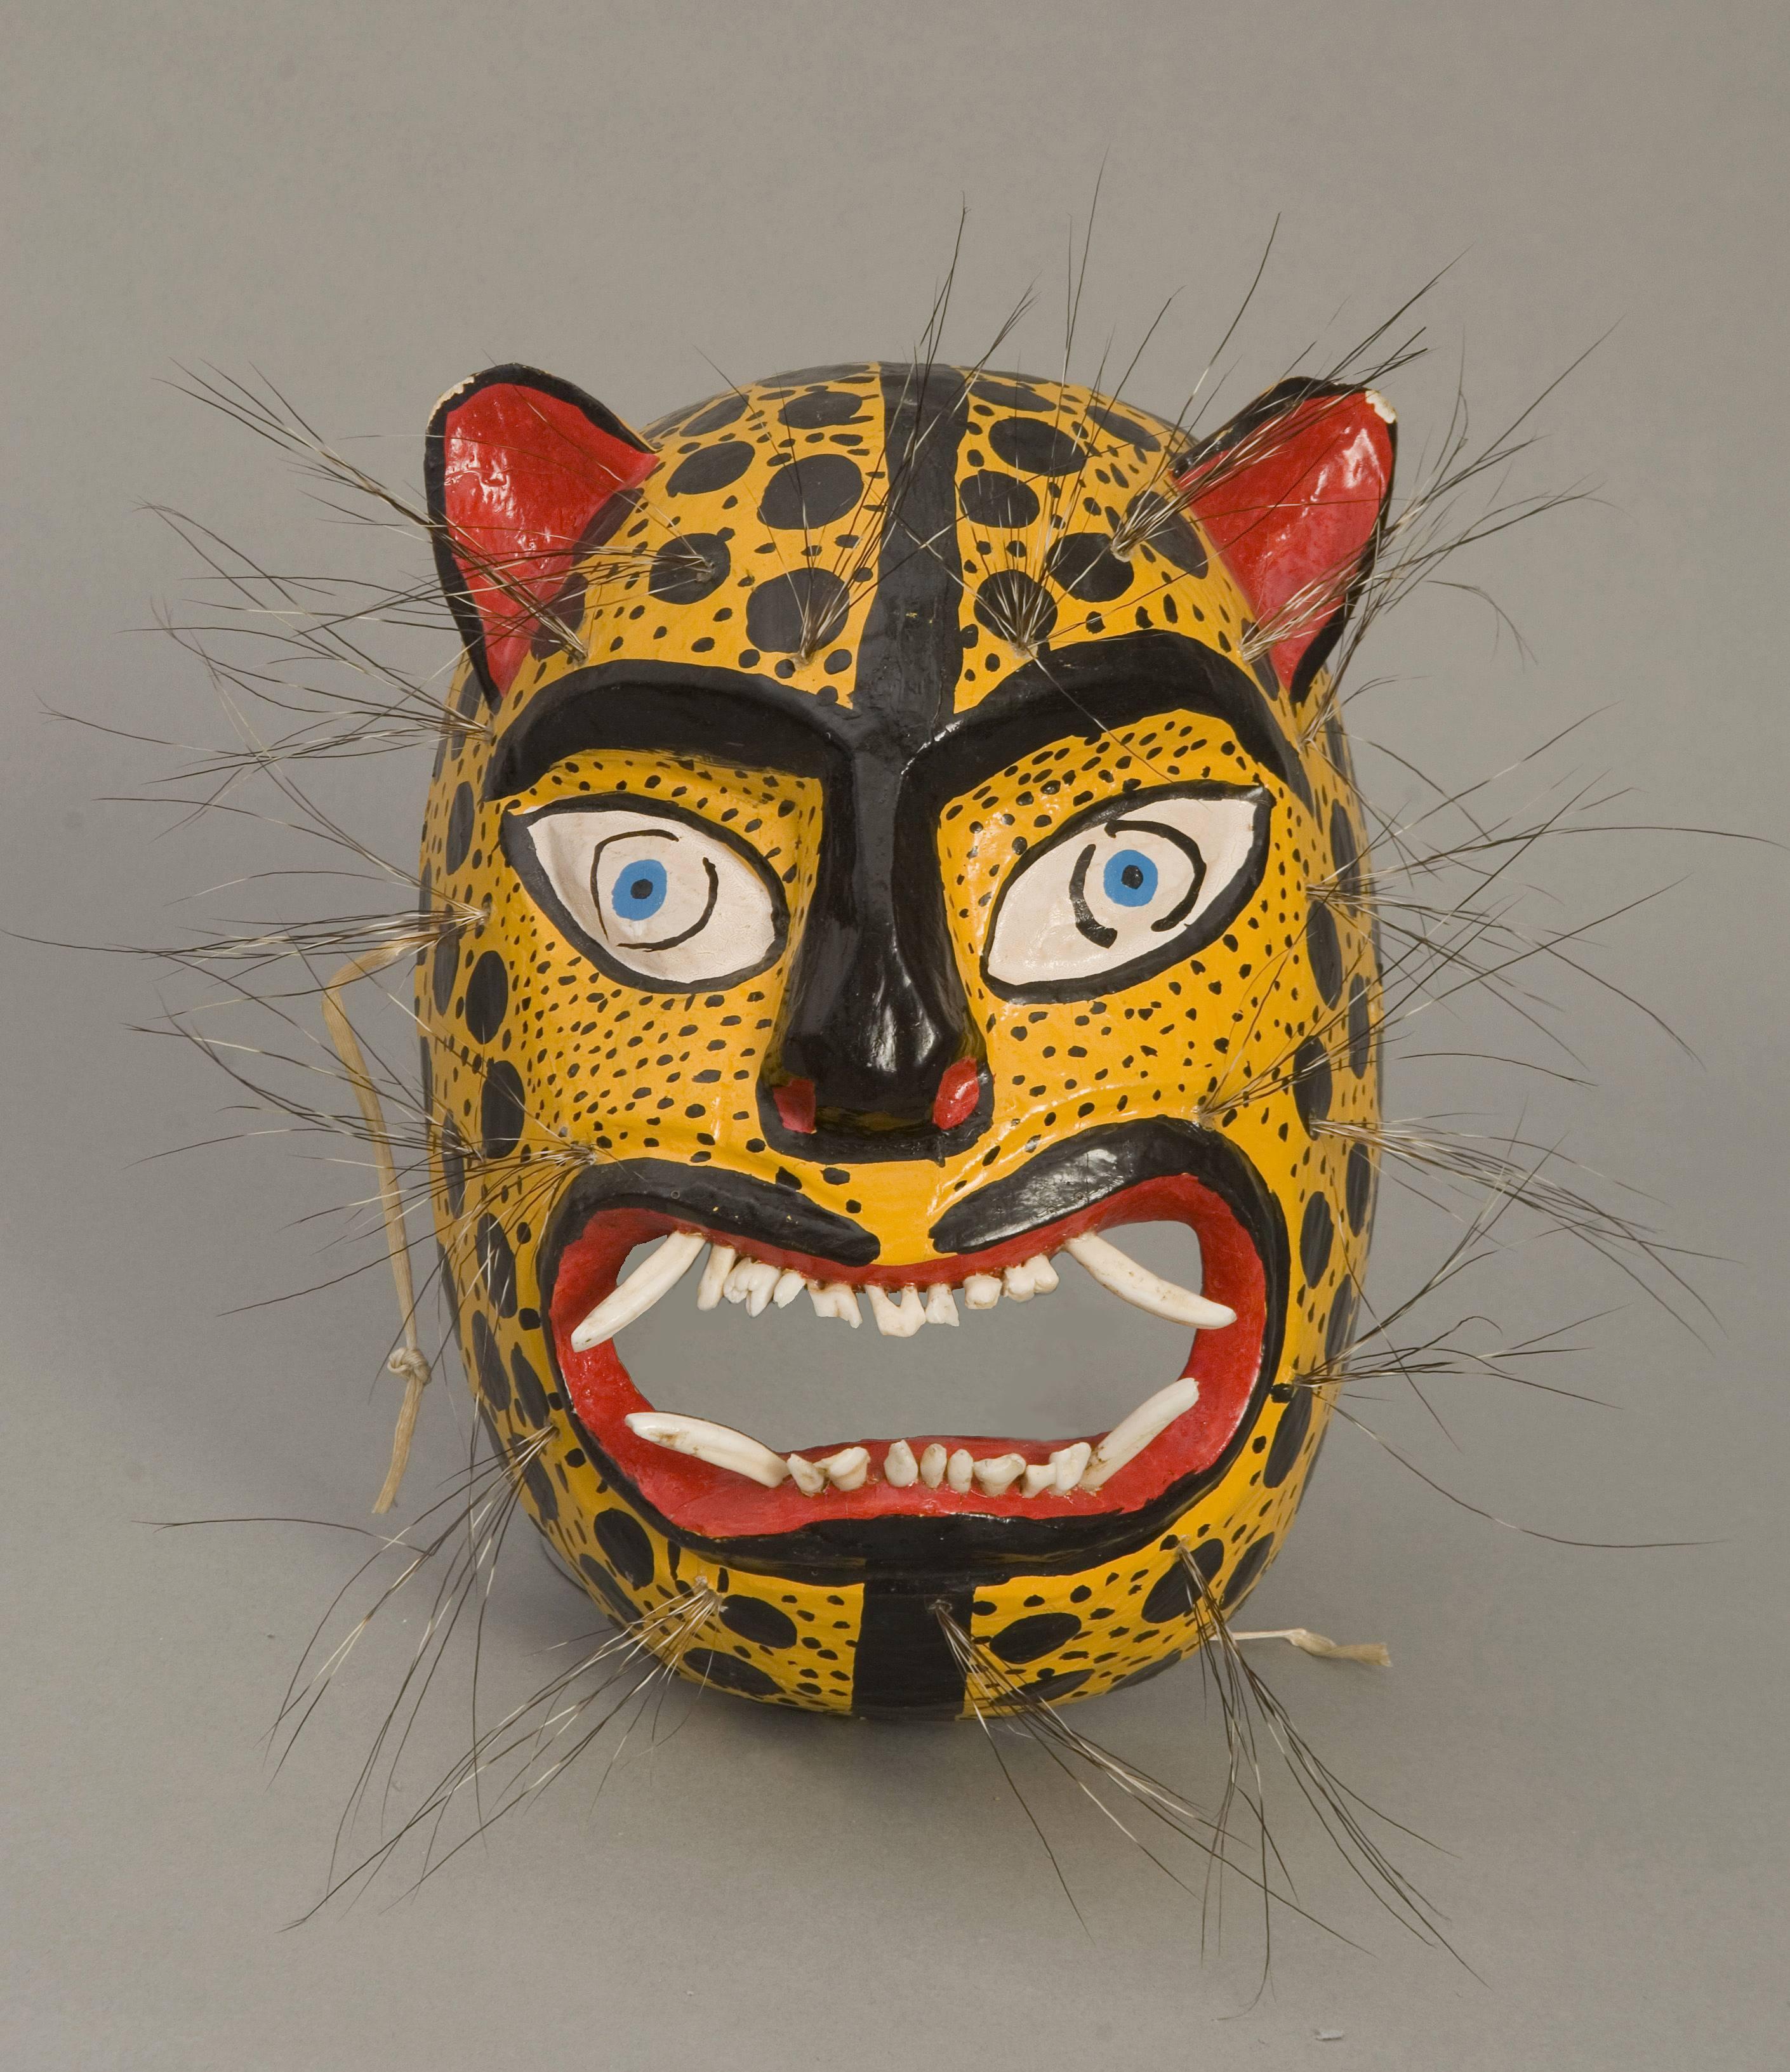 la máscara del jaguar 16 de abril de 2009 a las 10 23 h